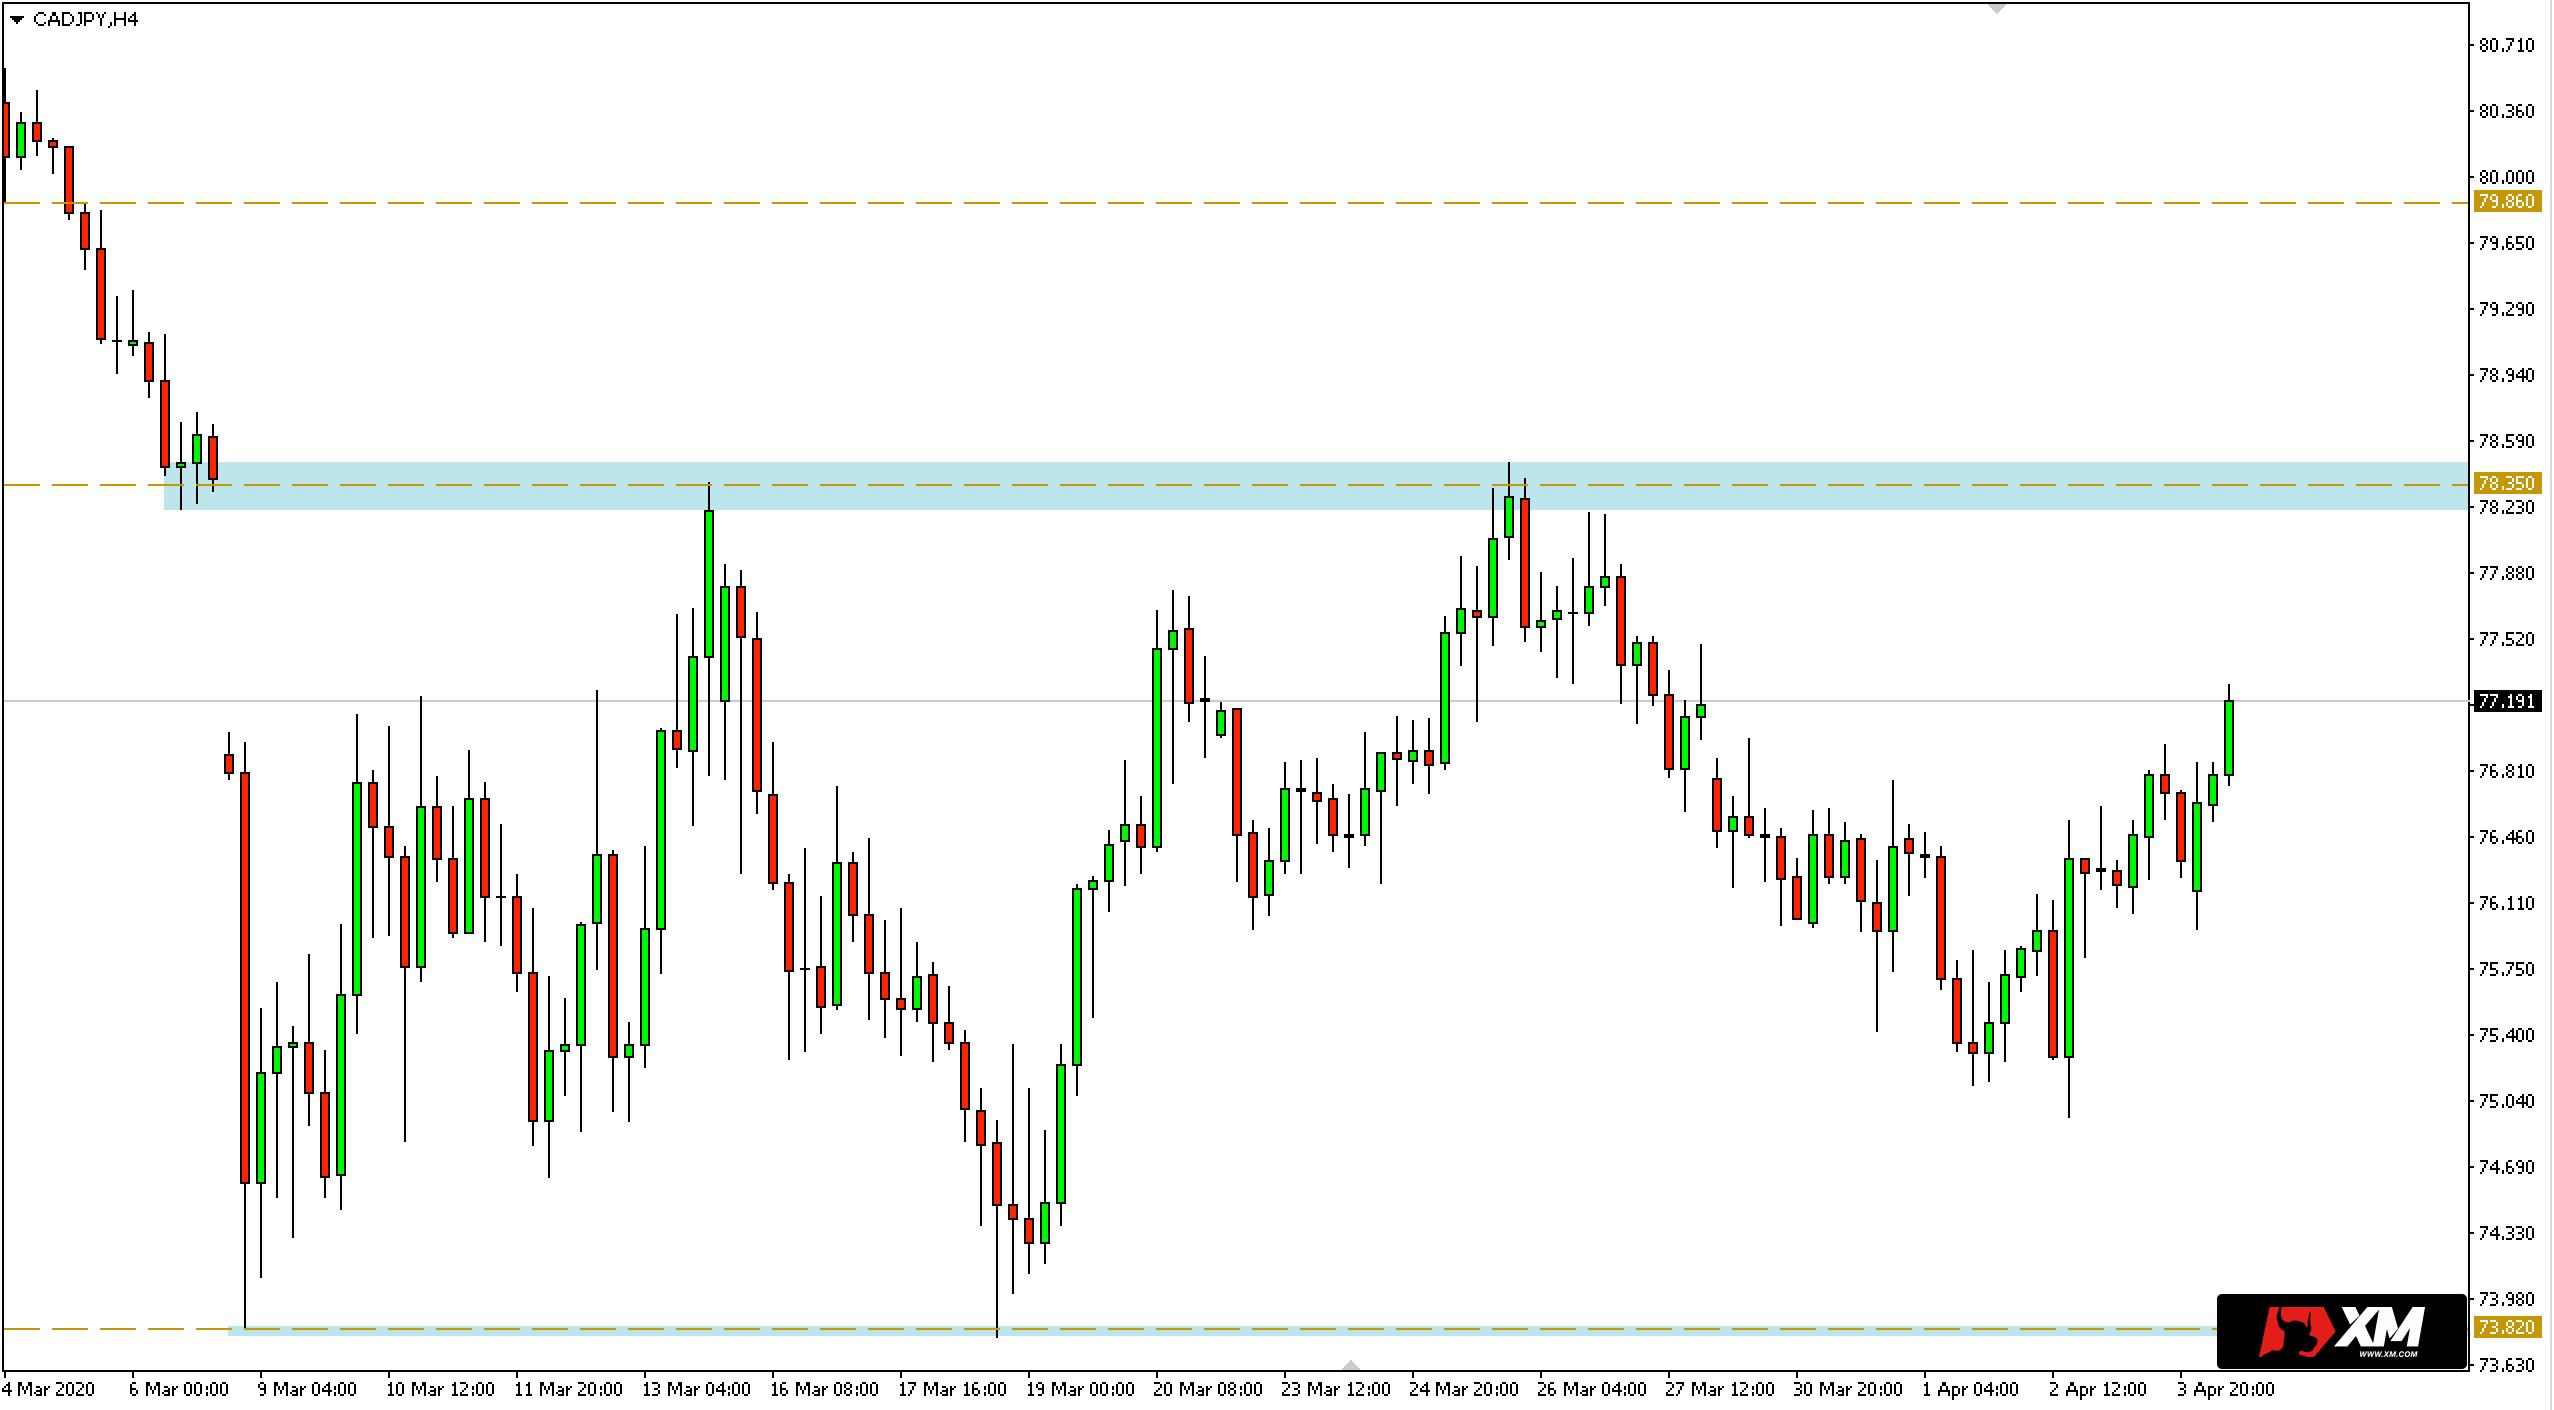 Wykres 4-godzinny pary walutowej CADJPY - 6 kwietnia 2020 r.